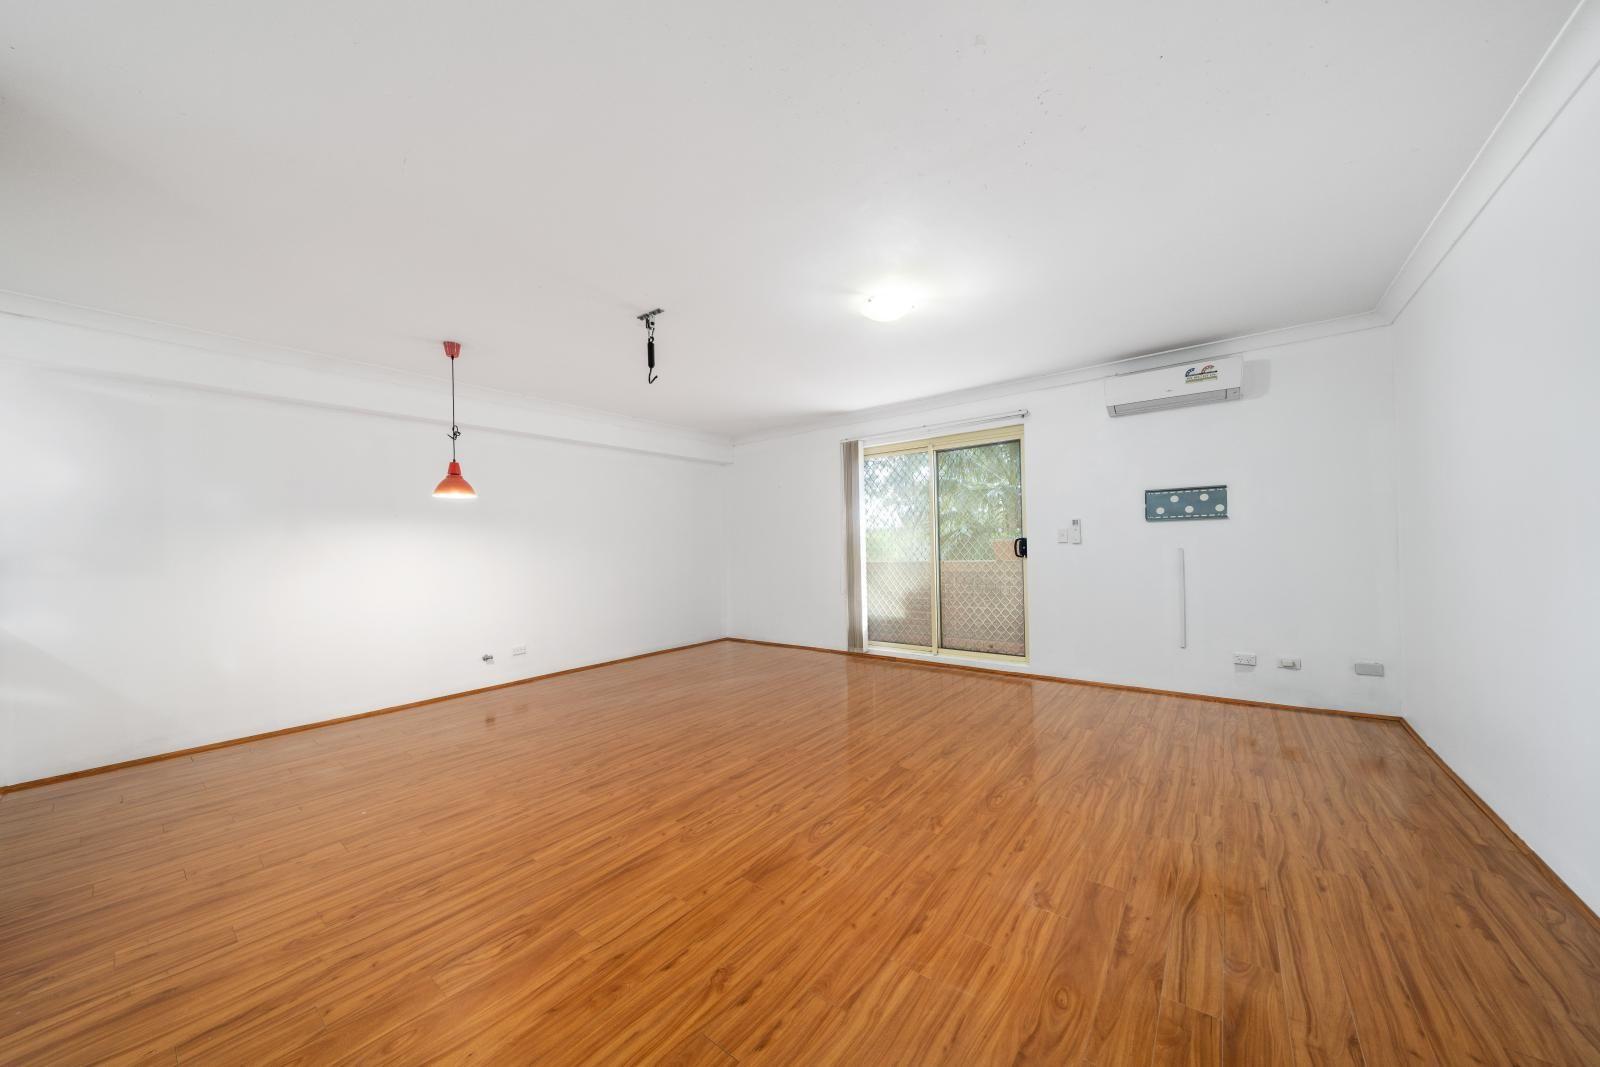 B9/88-98 Marsden Street, Parramatta NSW 2150, Image 1